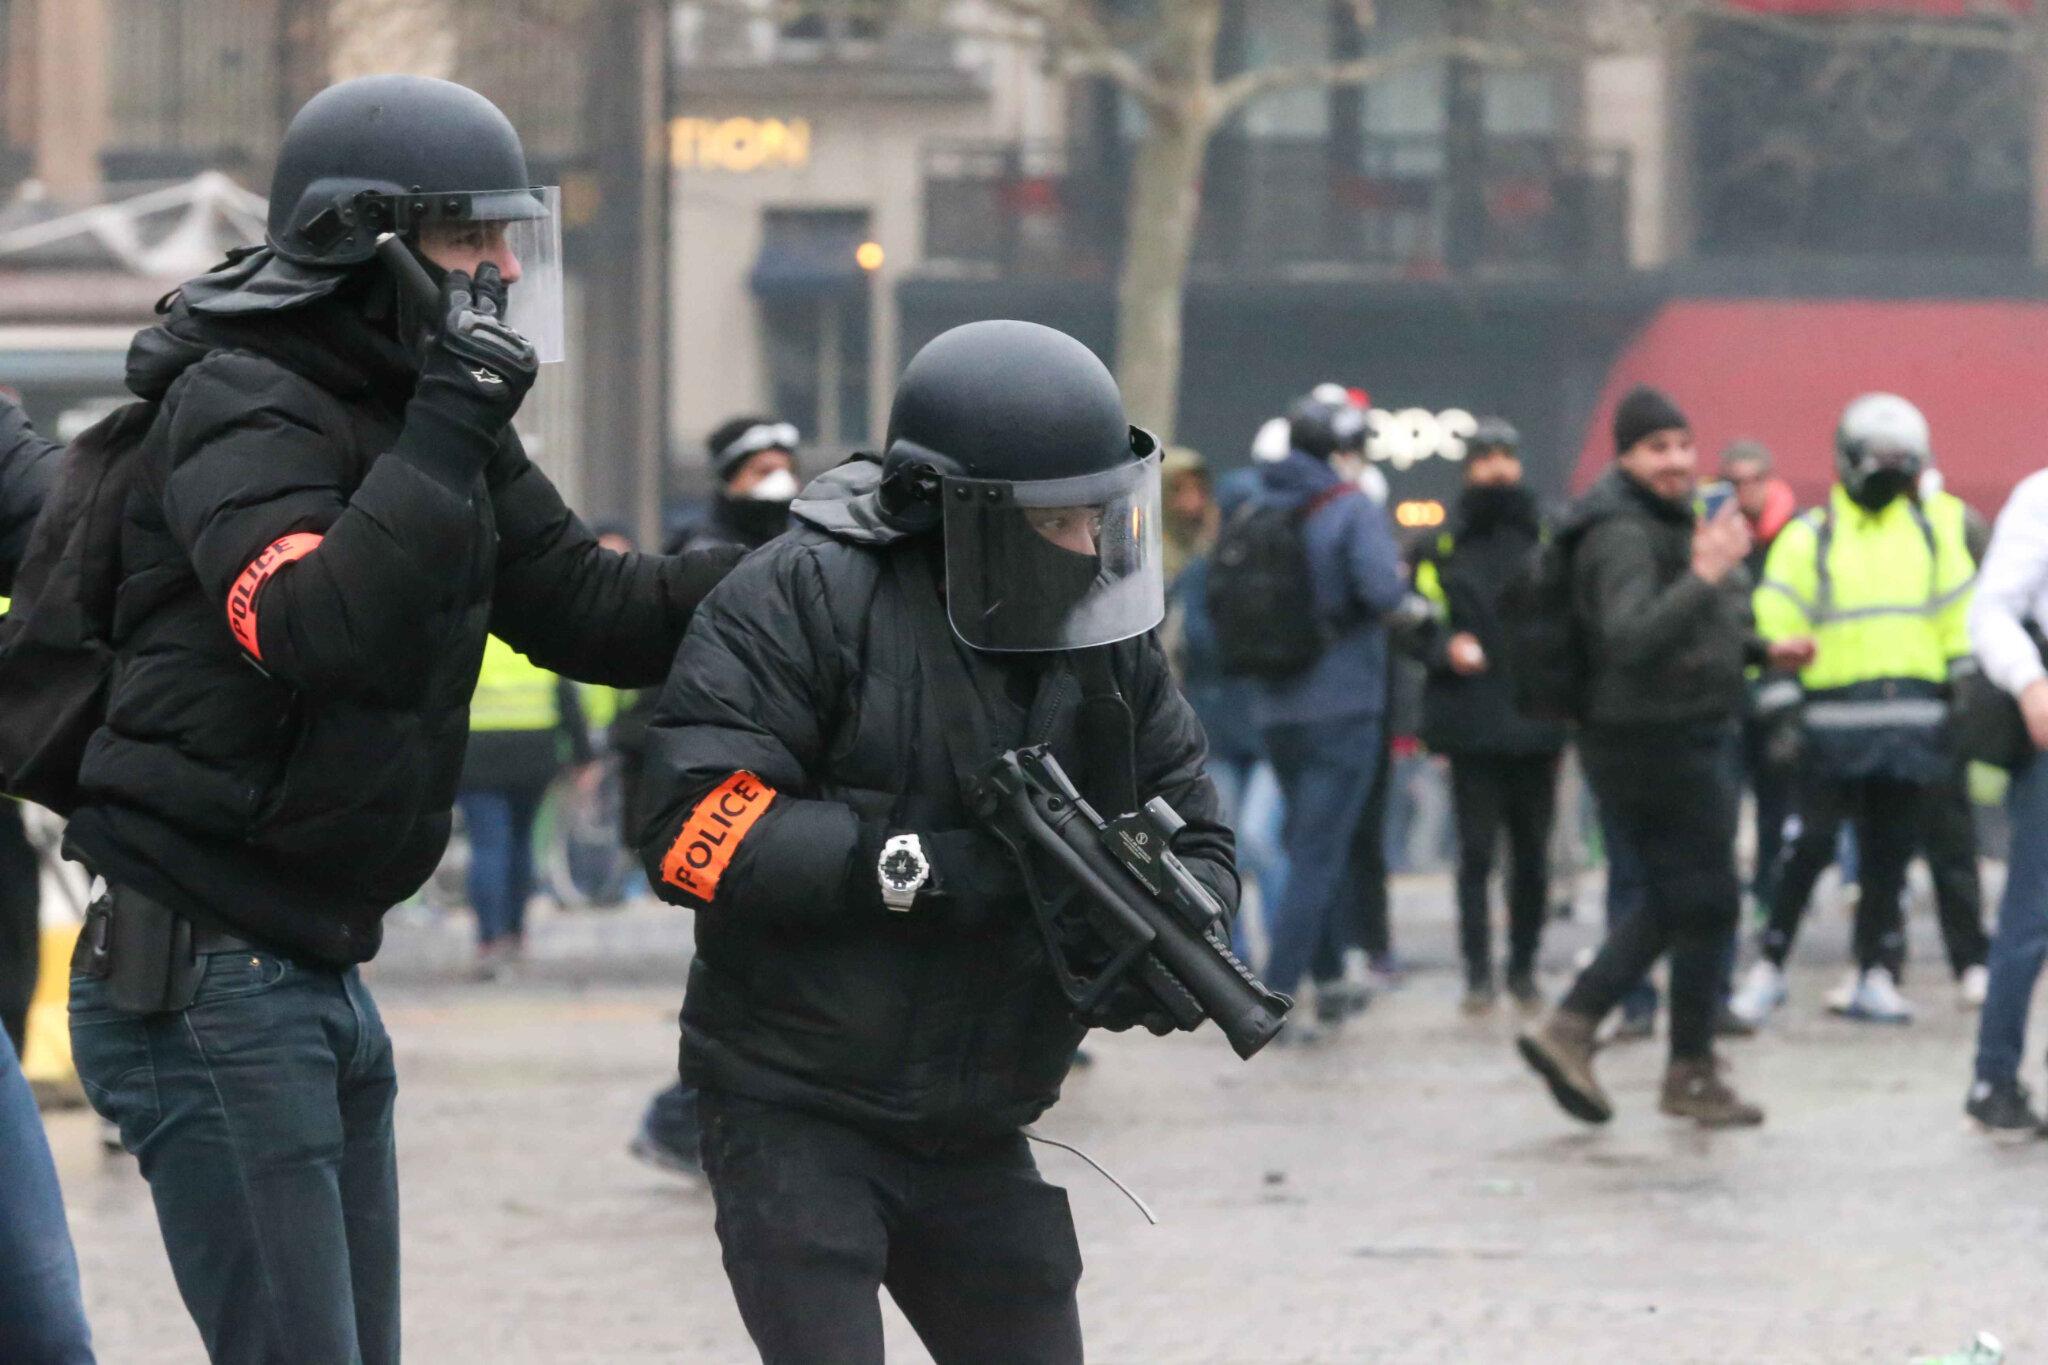 Le ministère n'oblige pas vraiment les policiers à filmer leurs tirs. © Michel Stoupak. Sam 26.01.2019, 16h31m24.